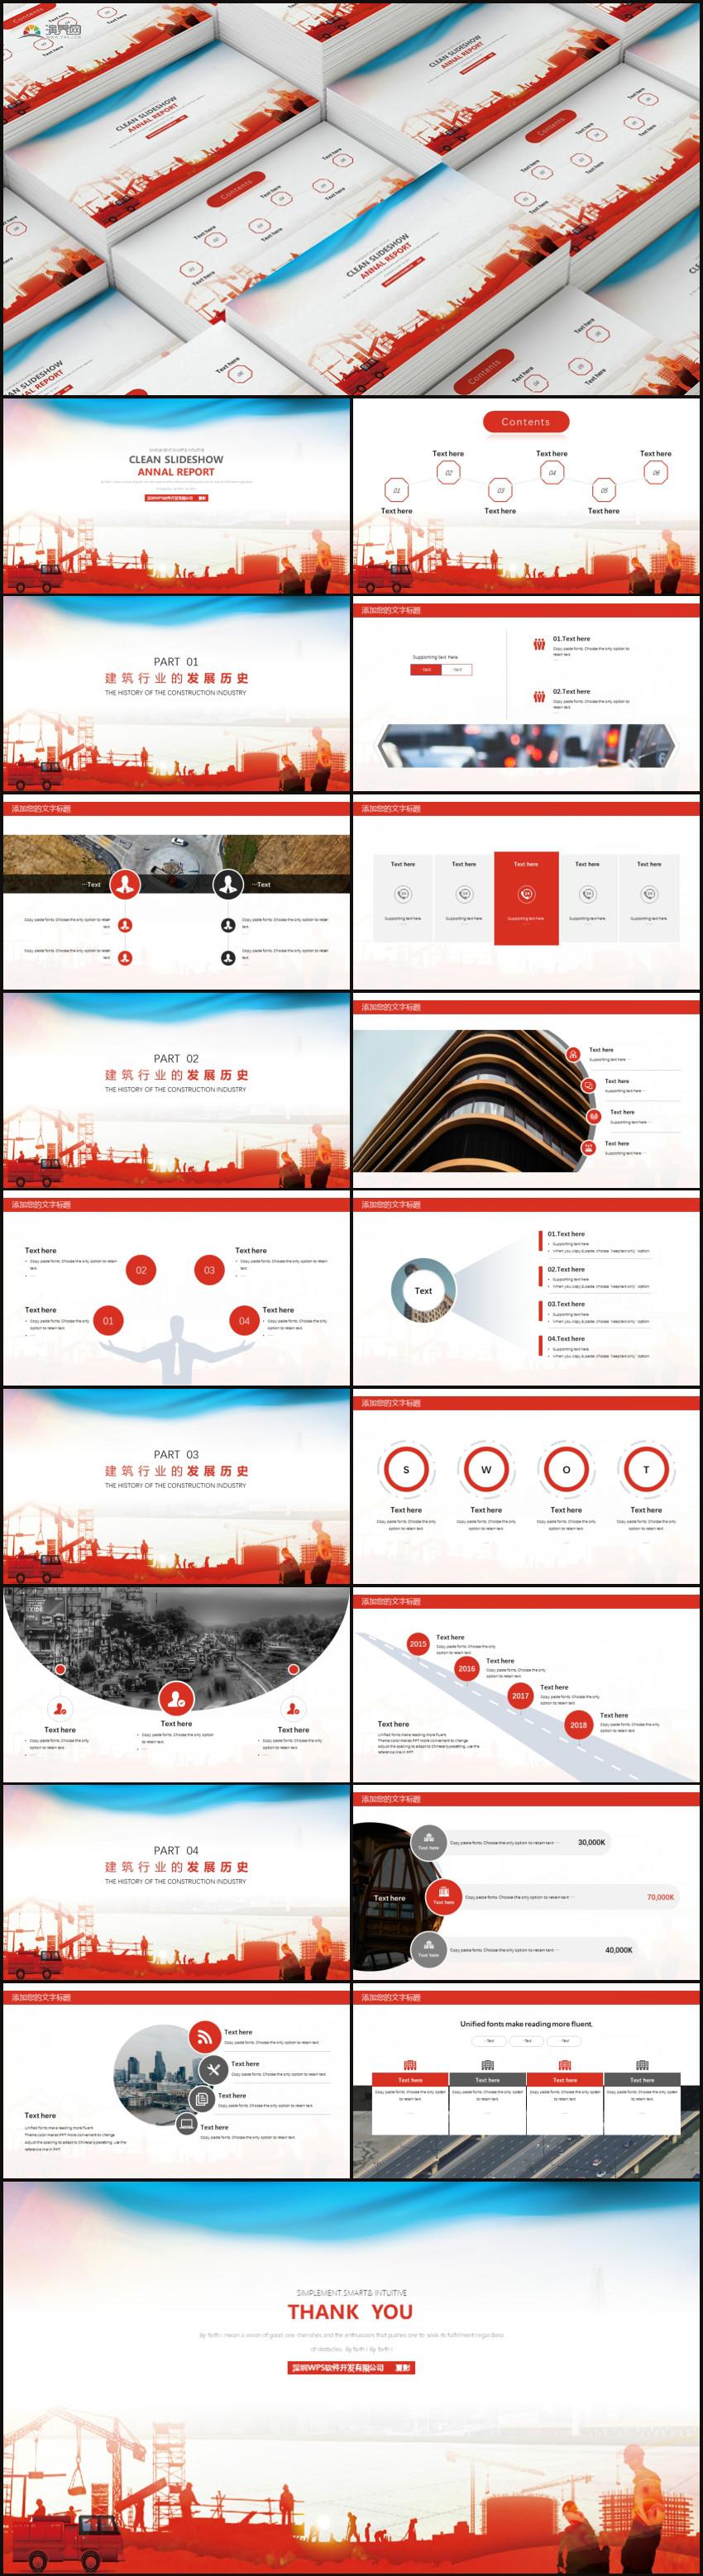 红色制造业工作总结汇报PPT模板